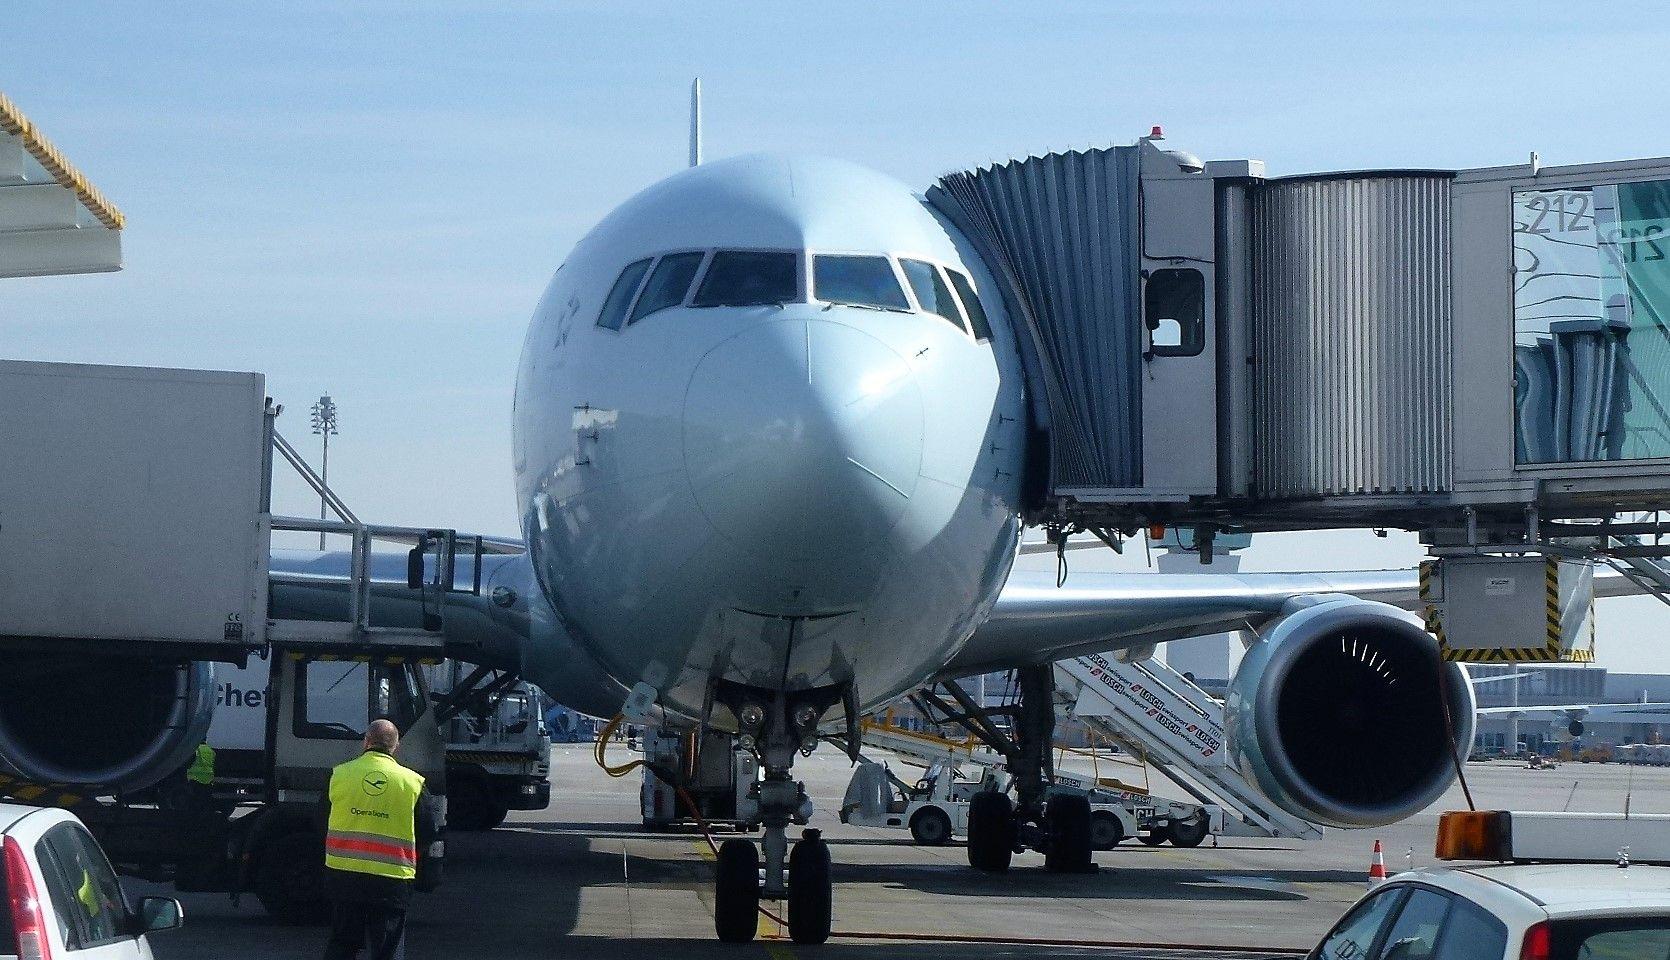 Об изменении алгоритма работы по репатриационным рейсам